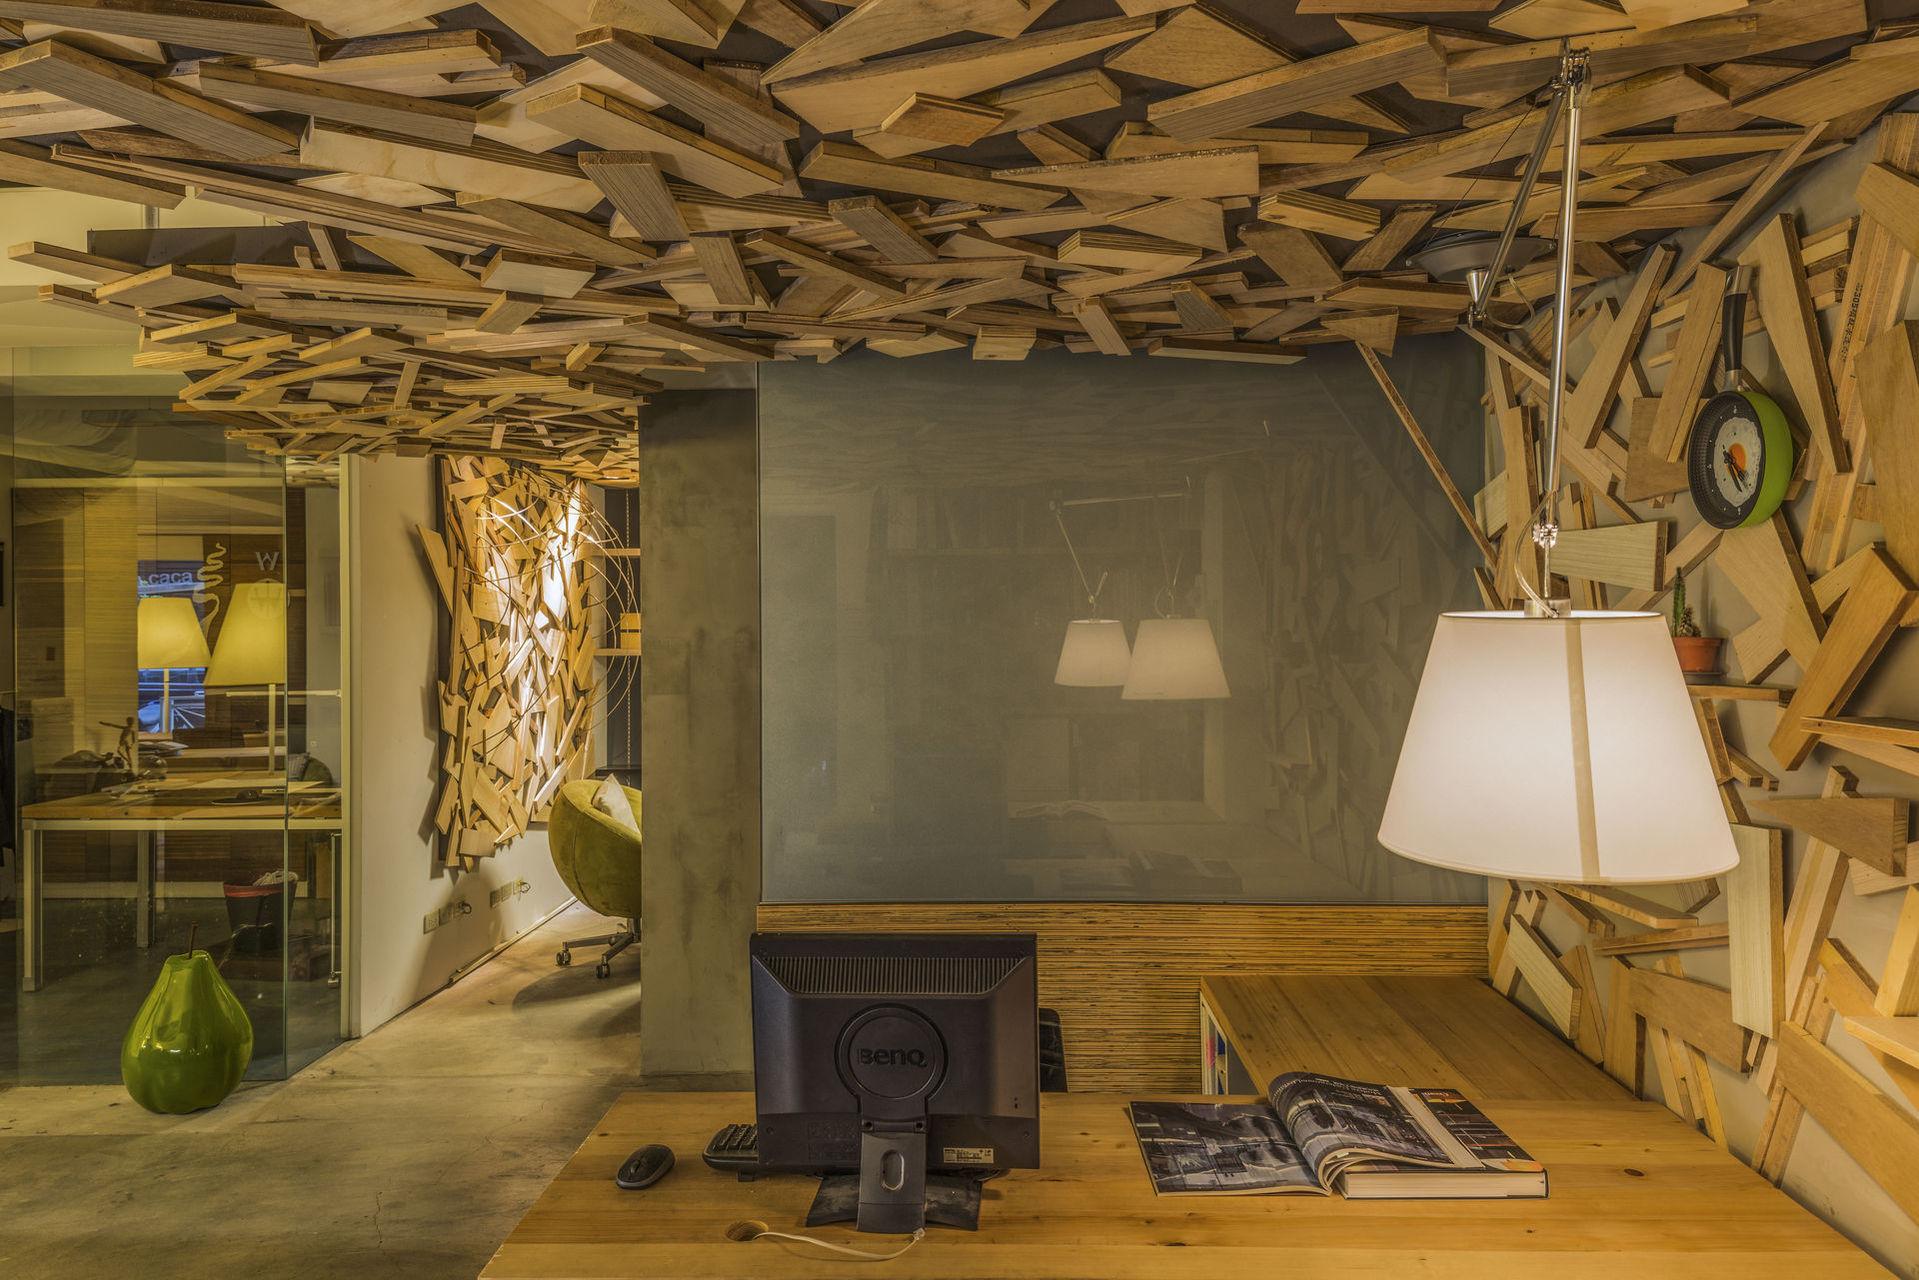 【辦公空間】亞卡默設計辦公室  |  AKUMA DESIGN OFFICE,Mashup